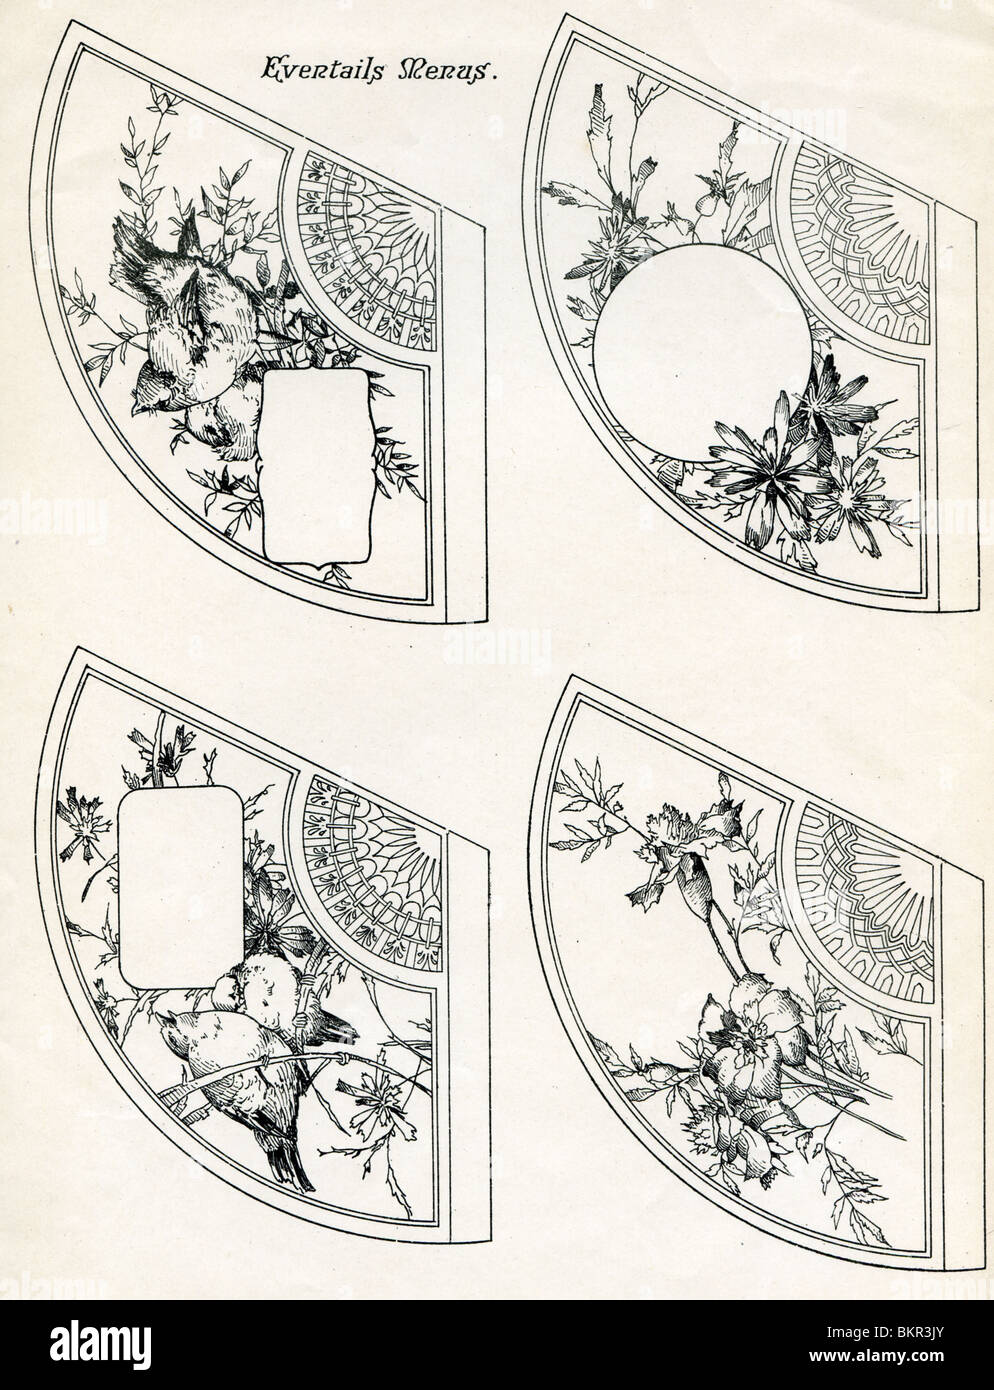 Eventails Menus, 1909 - Stock Image